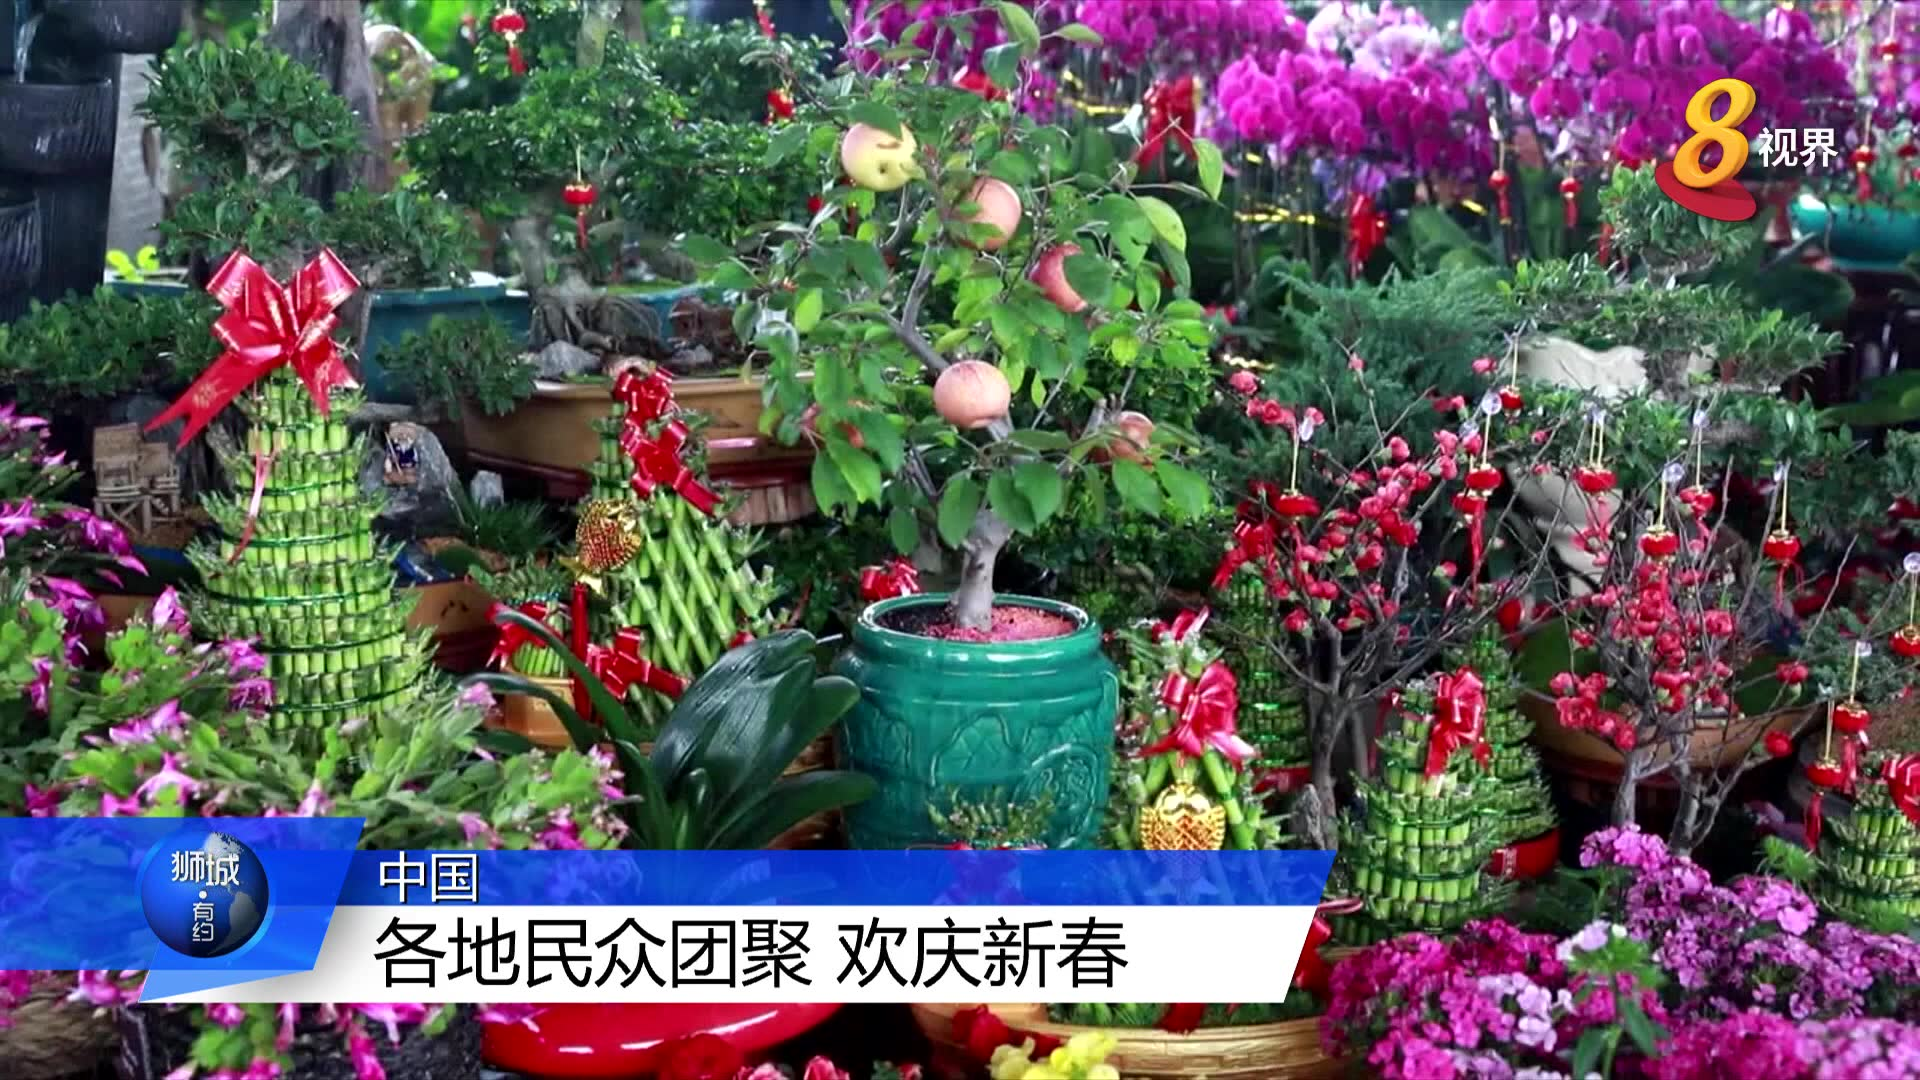 中国各地年味十足 到处洋溢团圆欢聚节庆气氛